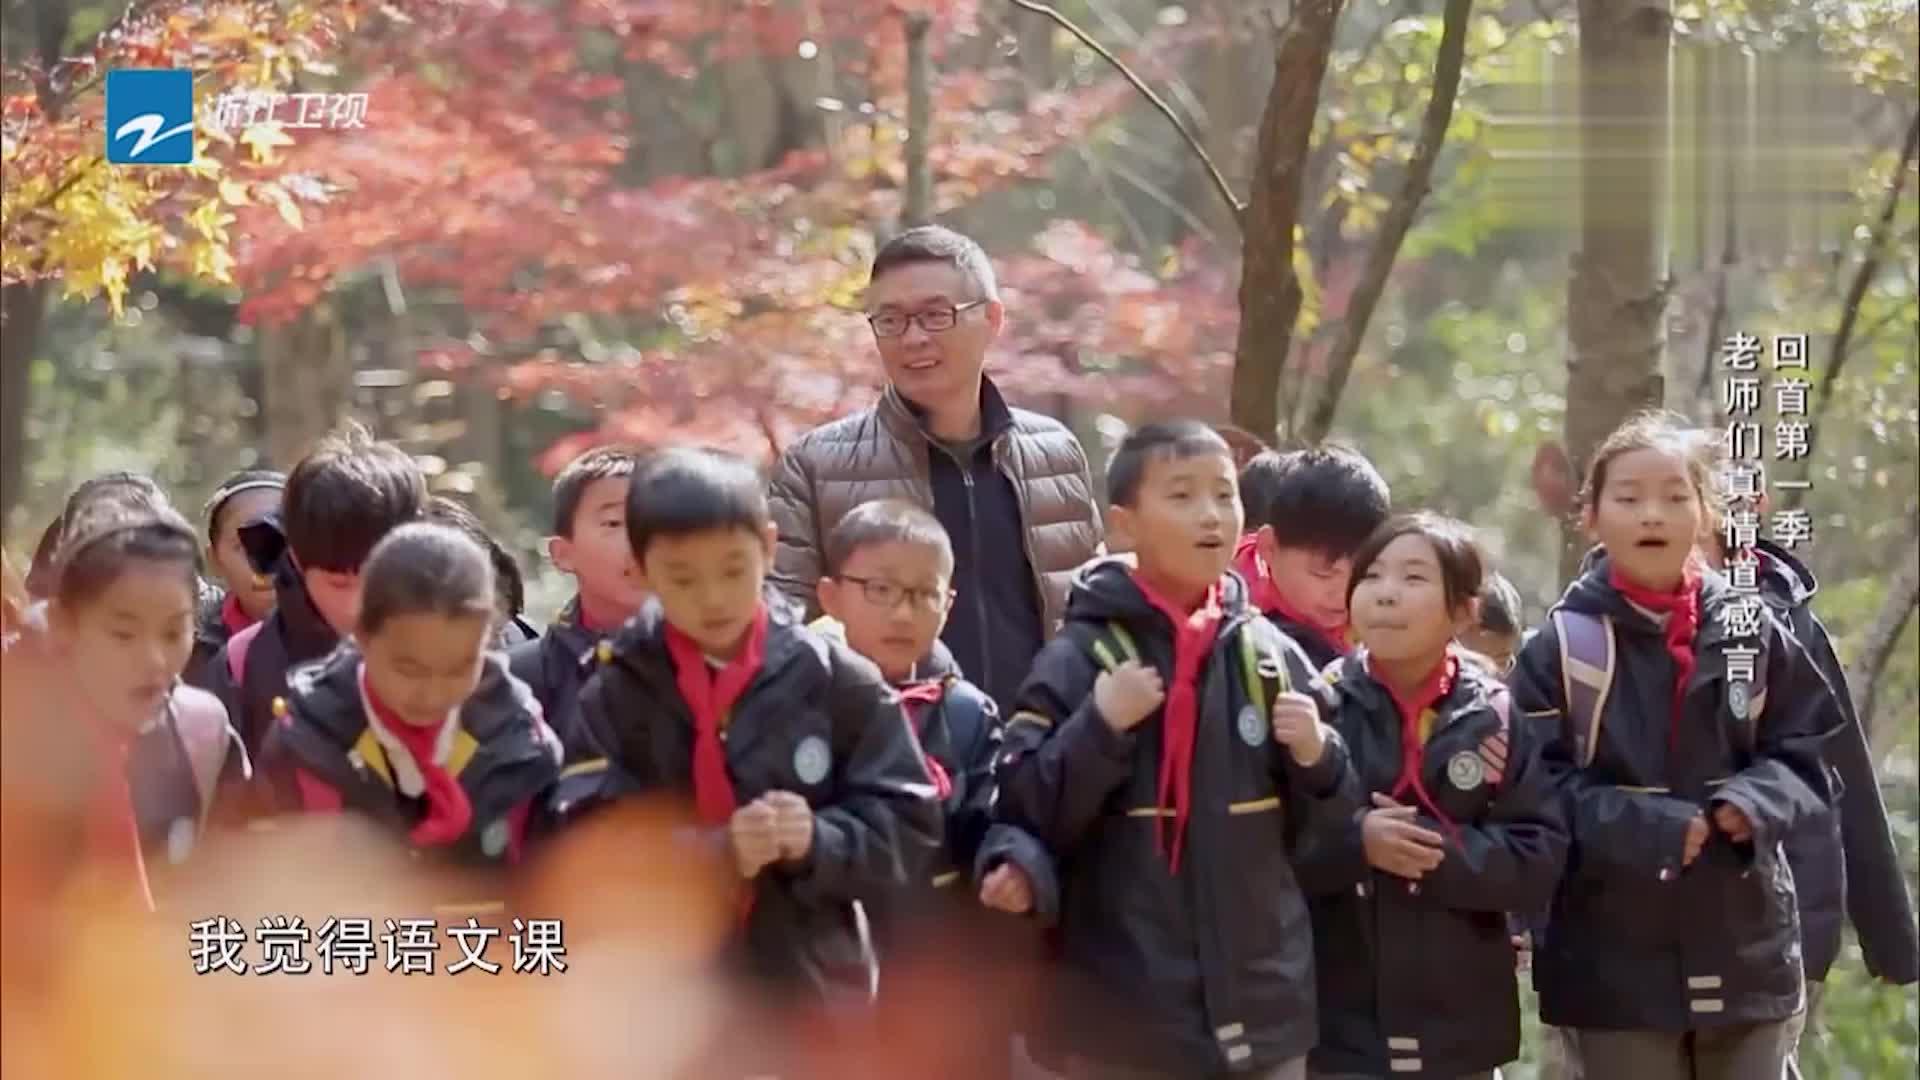 同一堂课:第二季老师柳岩到来,看得出来,孩子们很喜欢她